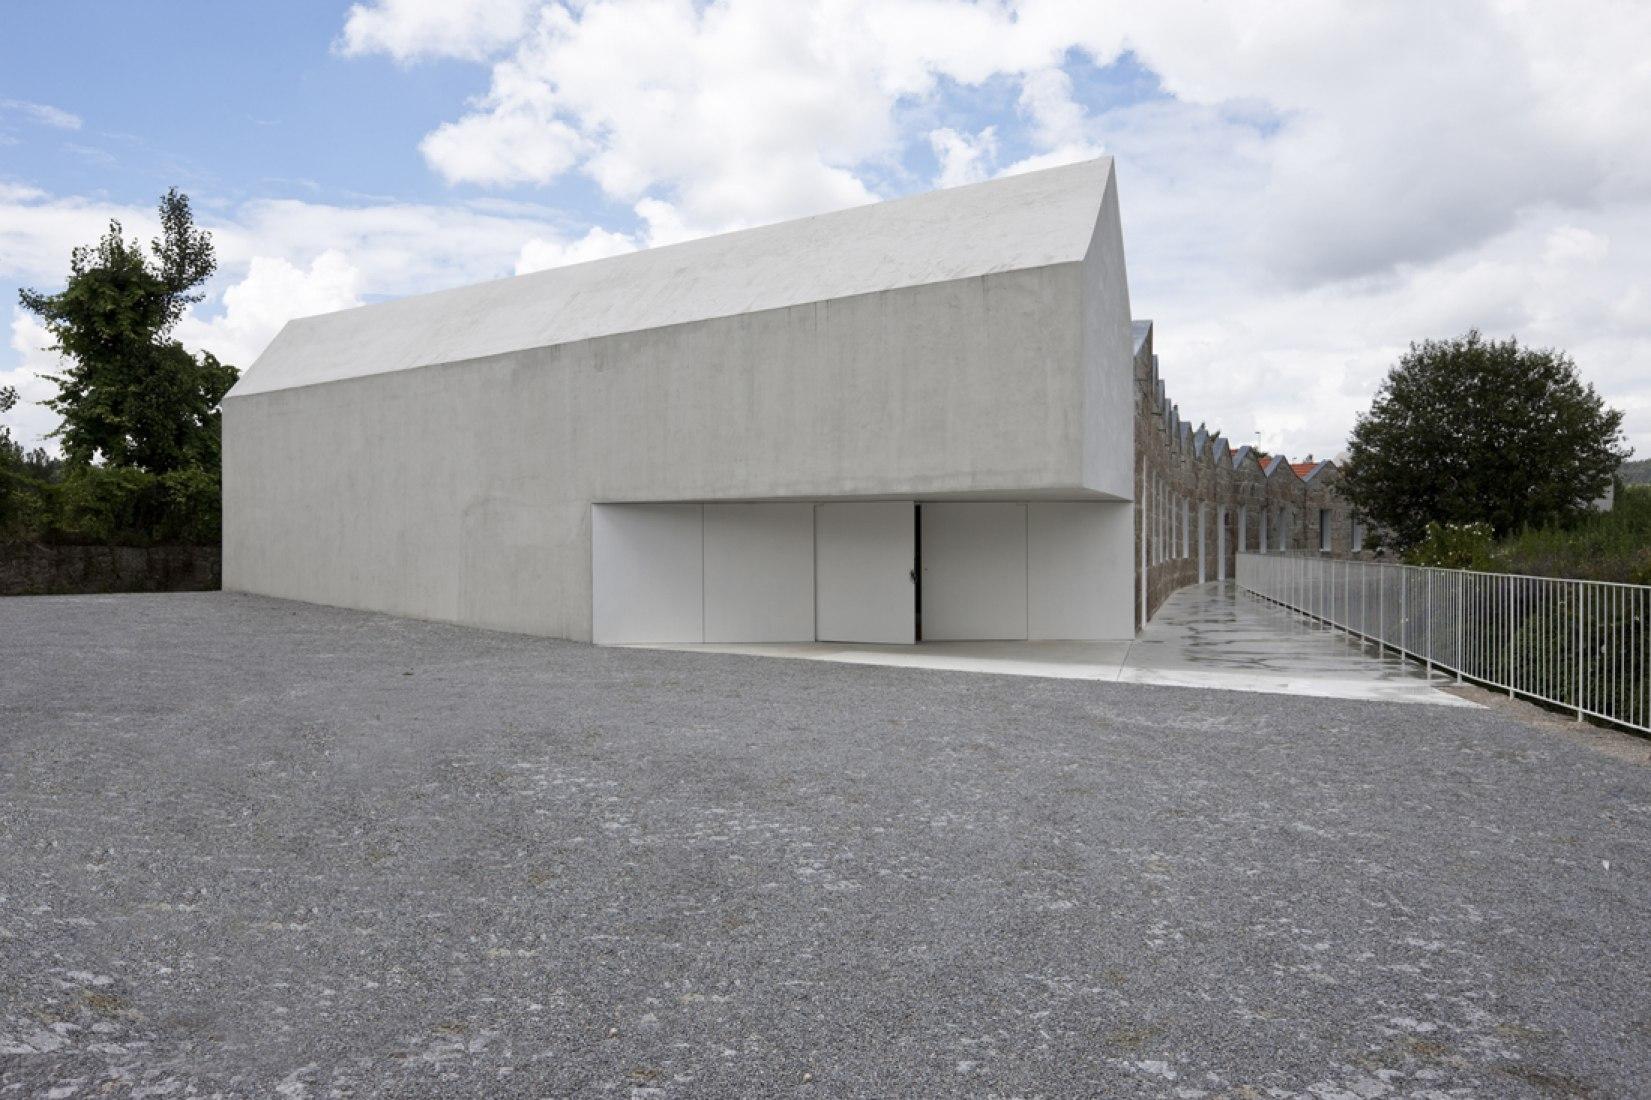 Detalle de entrada. Laboratorio del Paisaje por Cannatà & Fernandes, arquitectos. Fotografía © Luis Ferreira Alves.